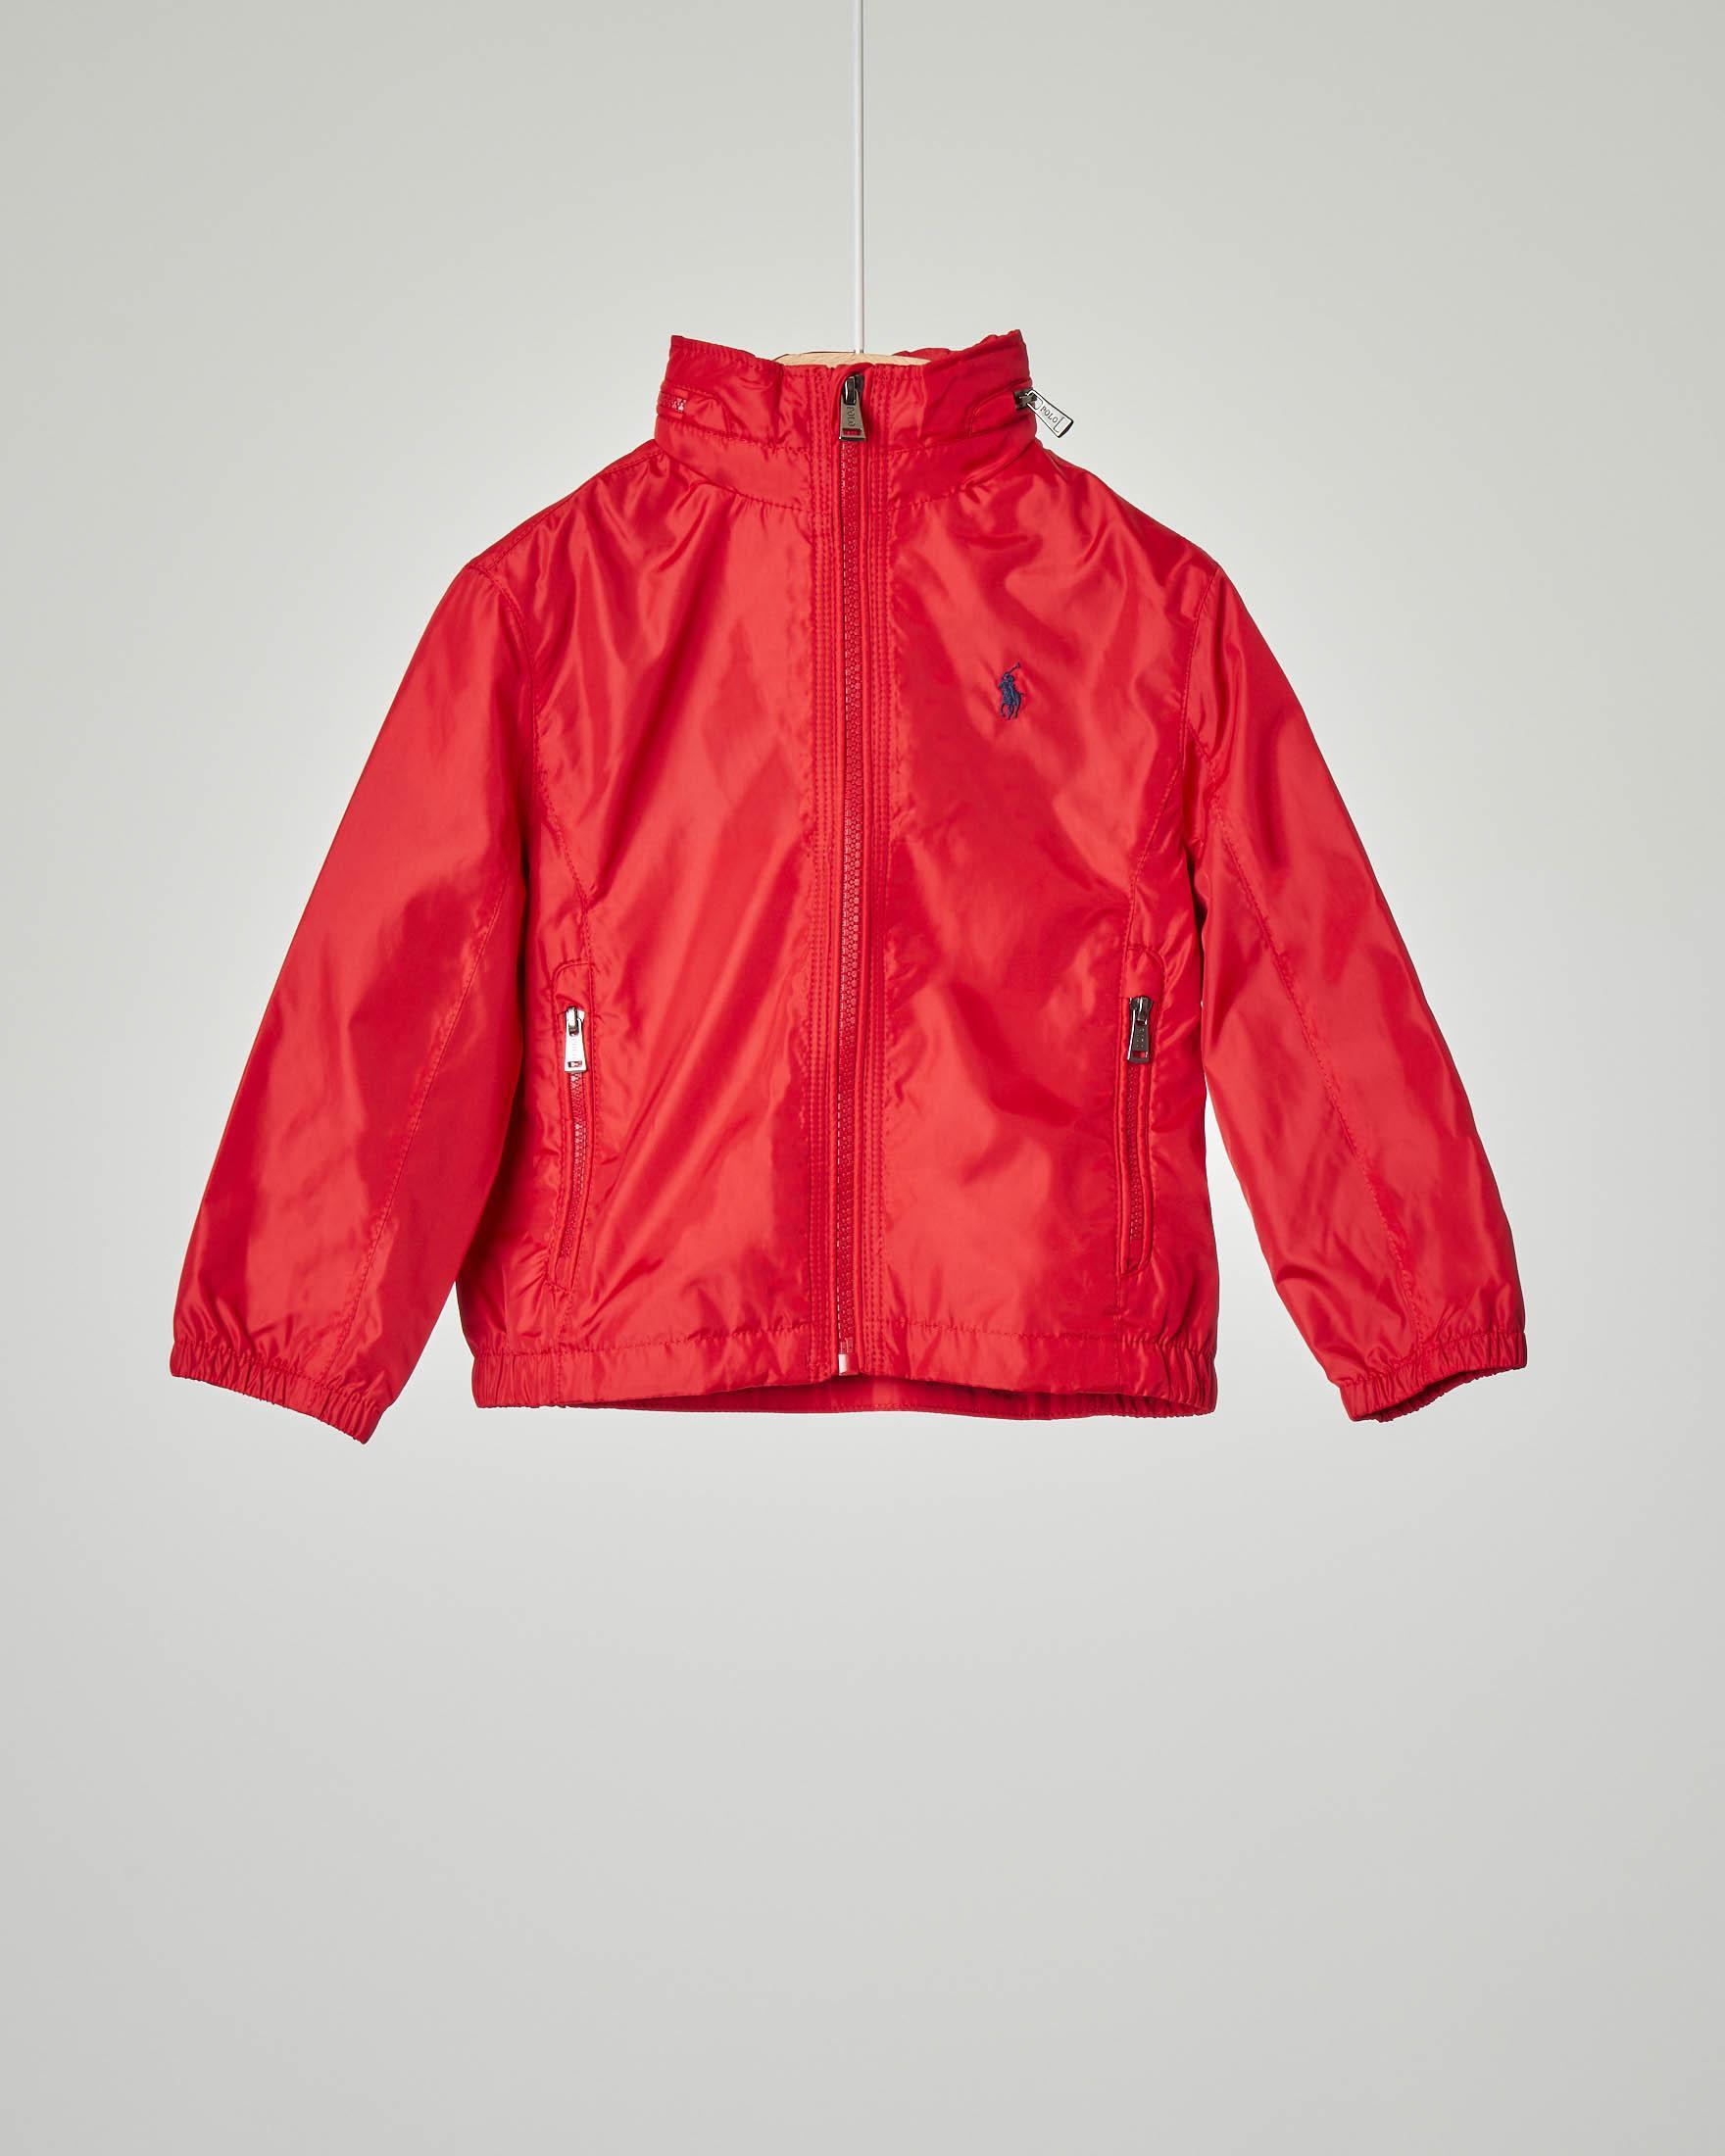 Giacca rossa in nylon con cappuccio estraibile